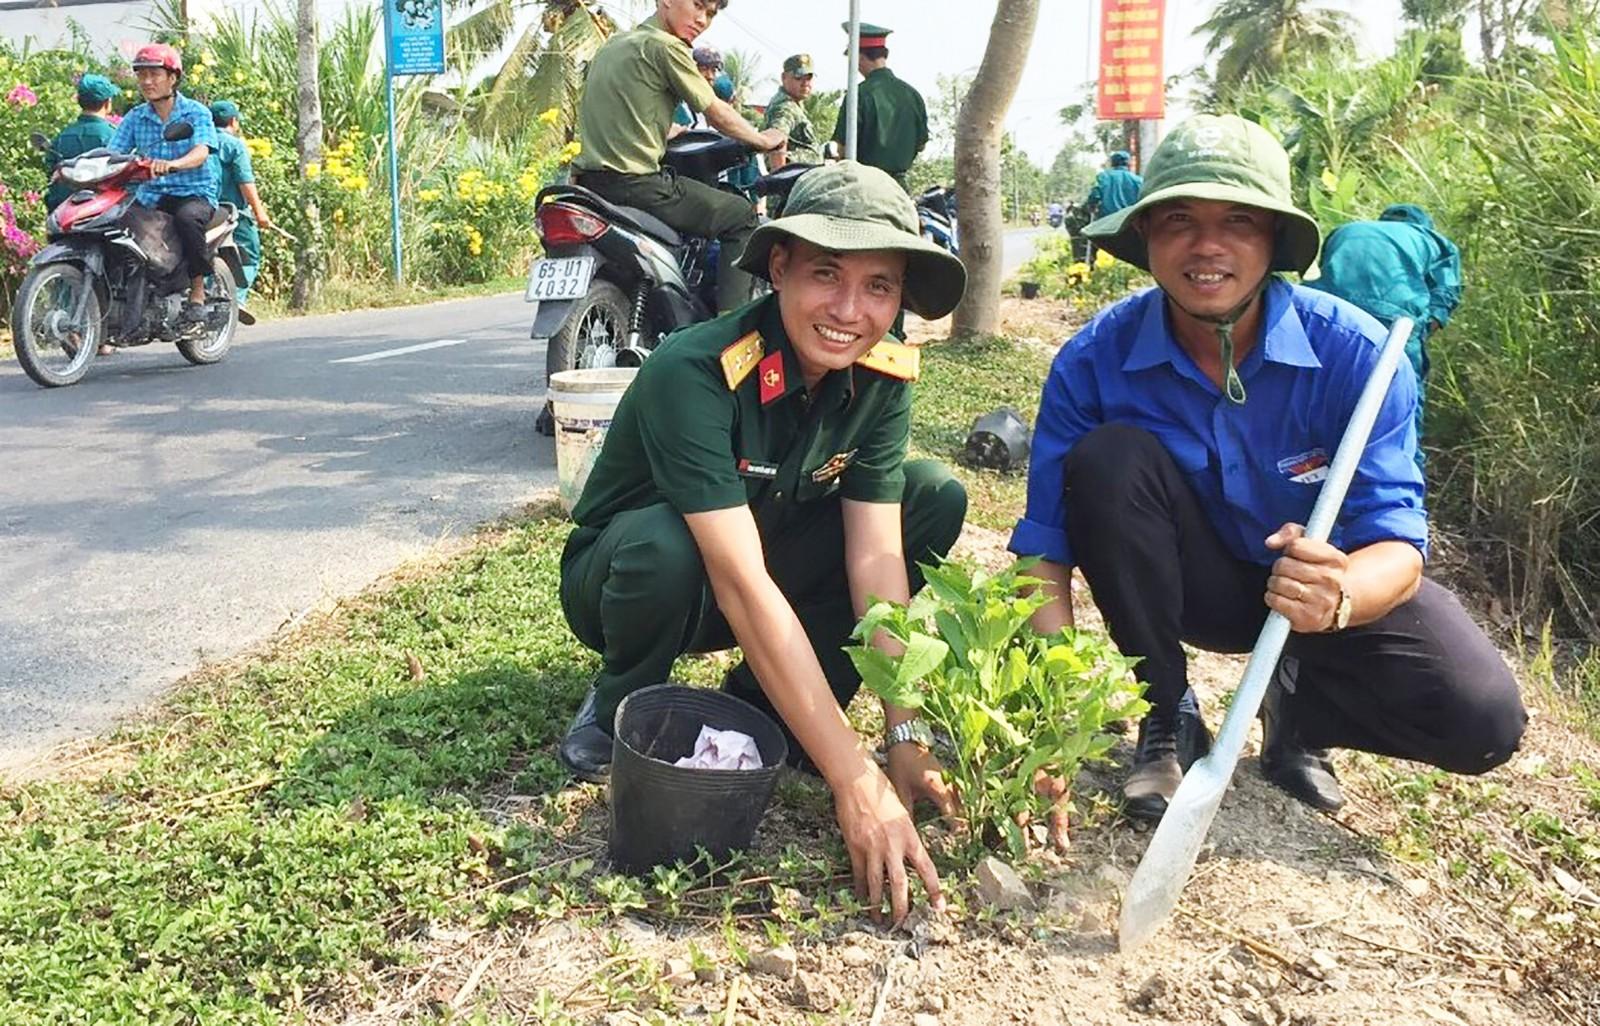 Anh Bùi Phước Thiện (bìa phải) tham gia trồng hoa, vệ sinh các tuyến đường trên địa bàn phường. Ảnh: CHUNG CƯỜNG